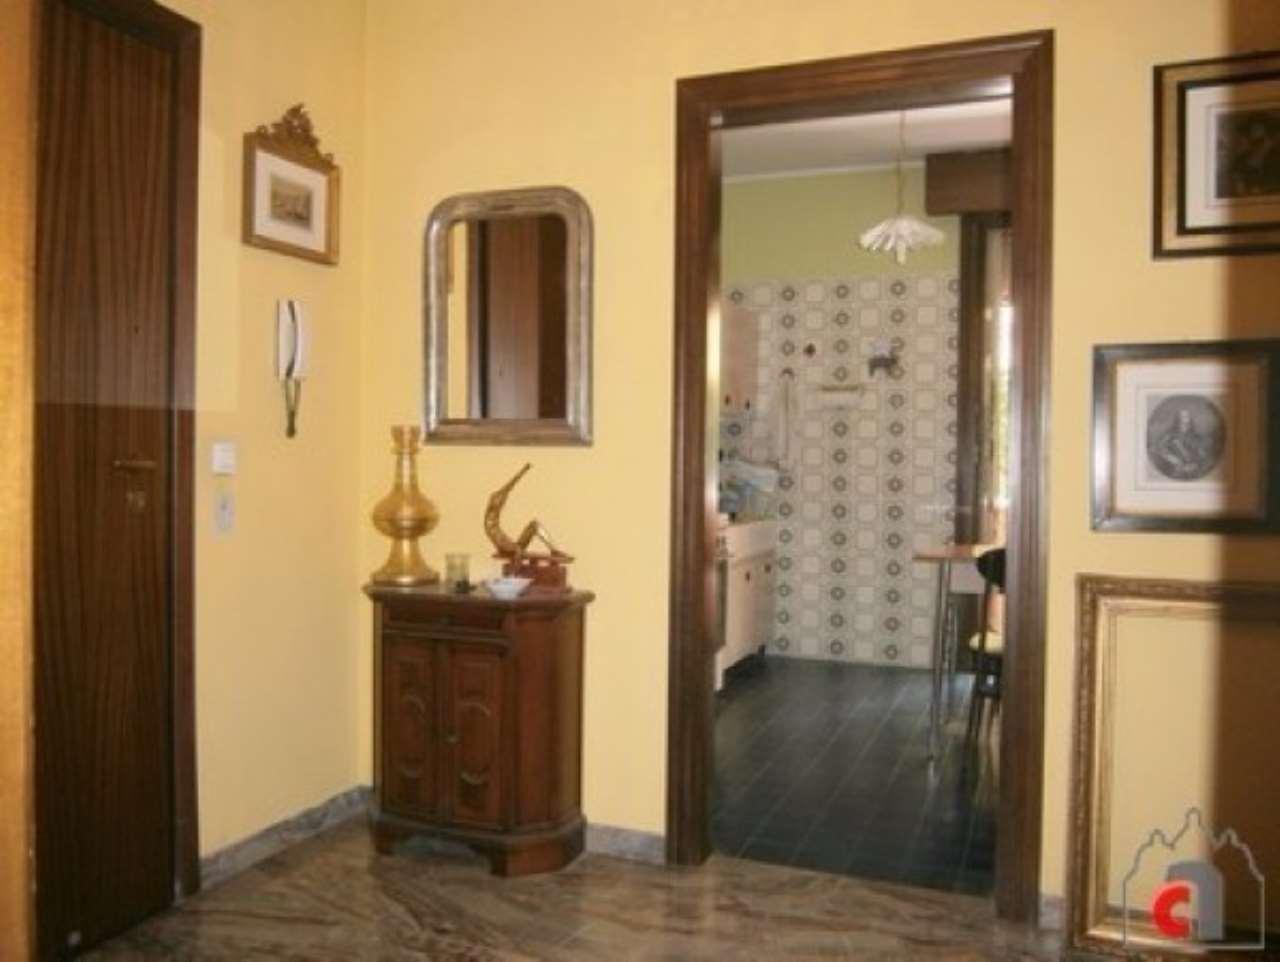 Appartamento in vendita a Padova, 5 locali, zona Zona: 5 . Sud-Ovest (Armistizio-Savonarola), prezzo € 155.000 | Cambio Casa.it